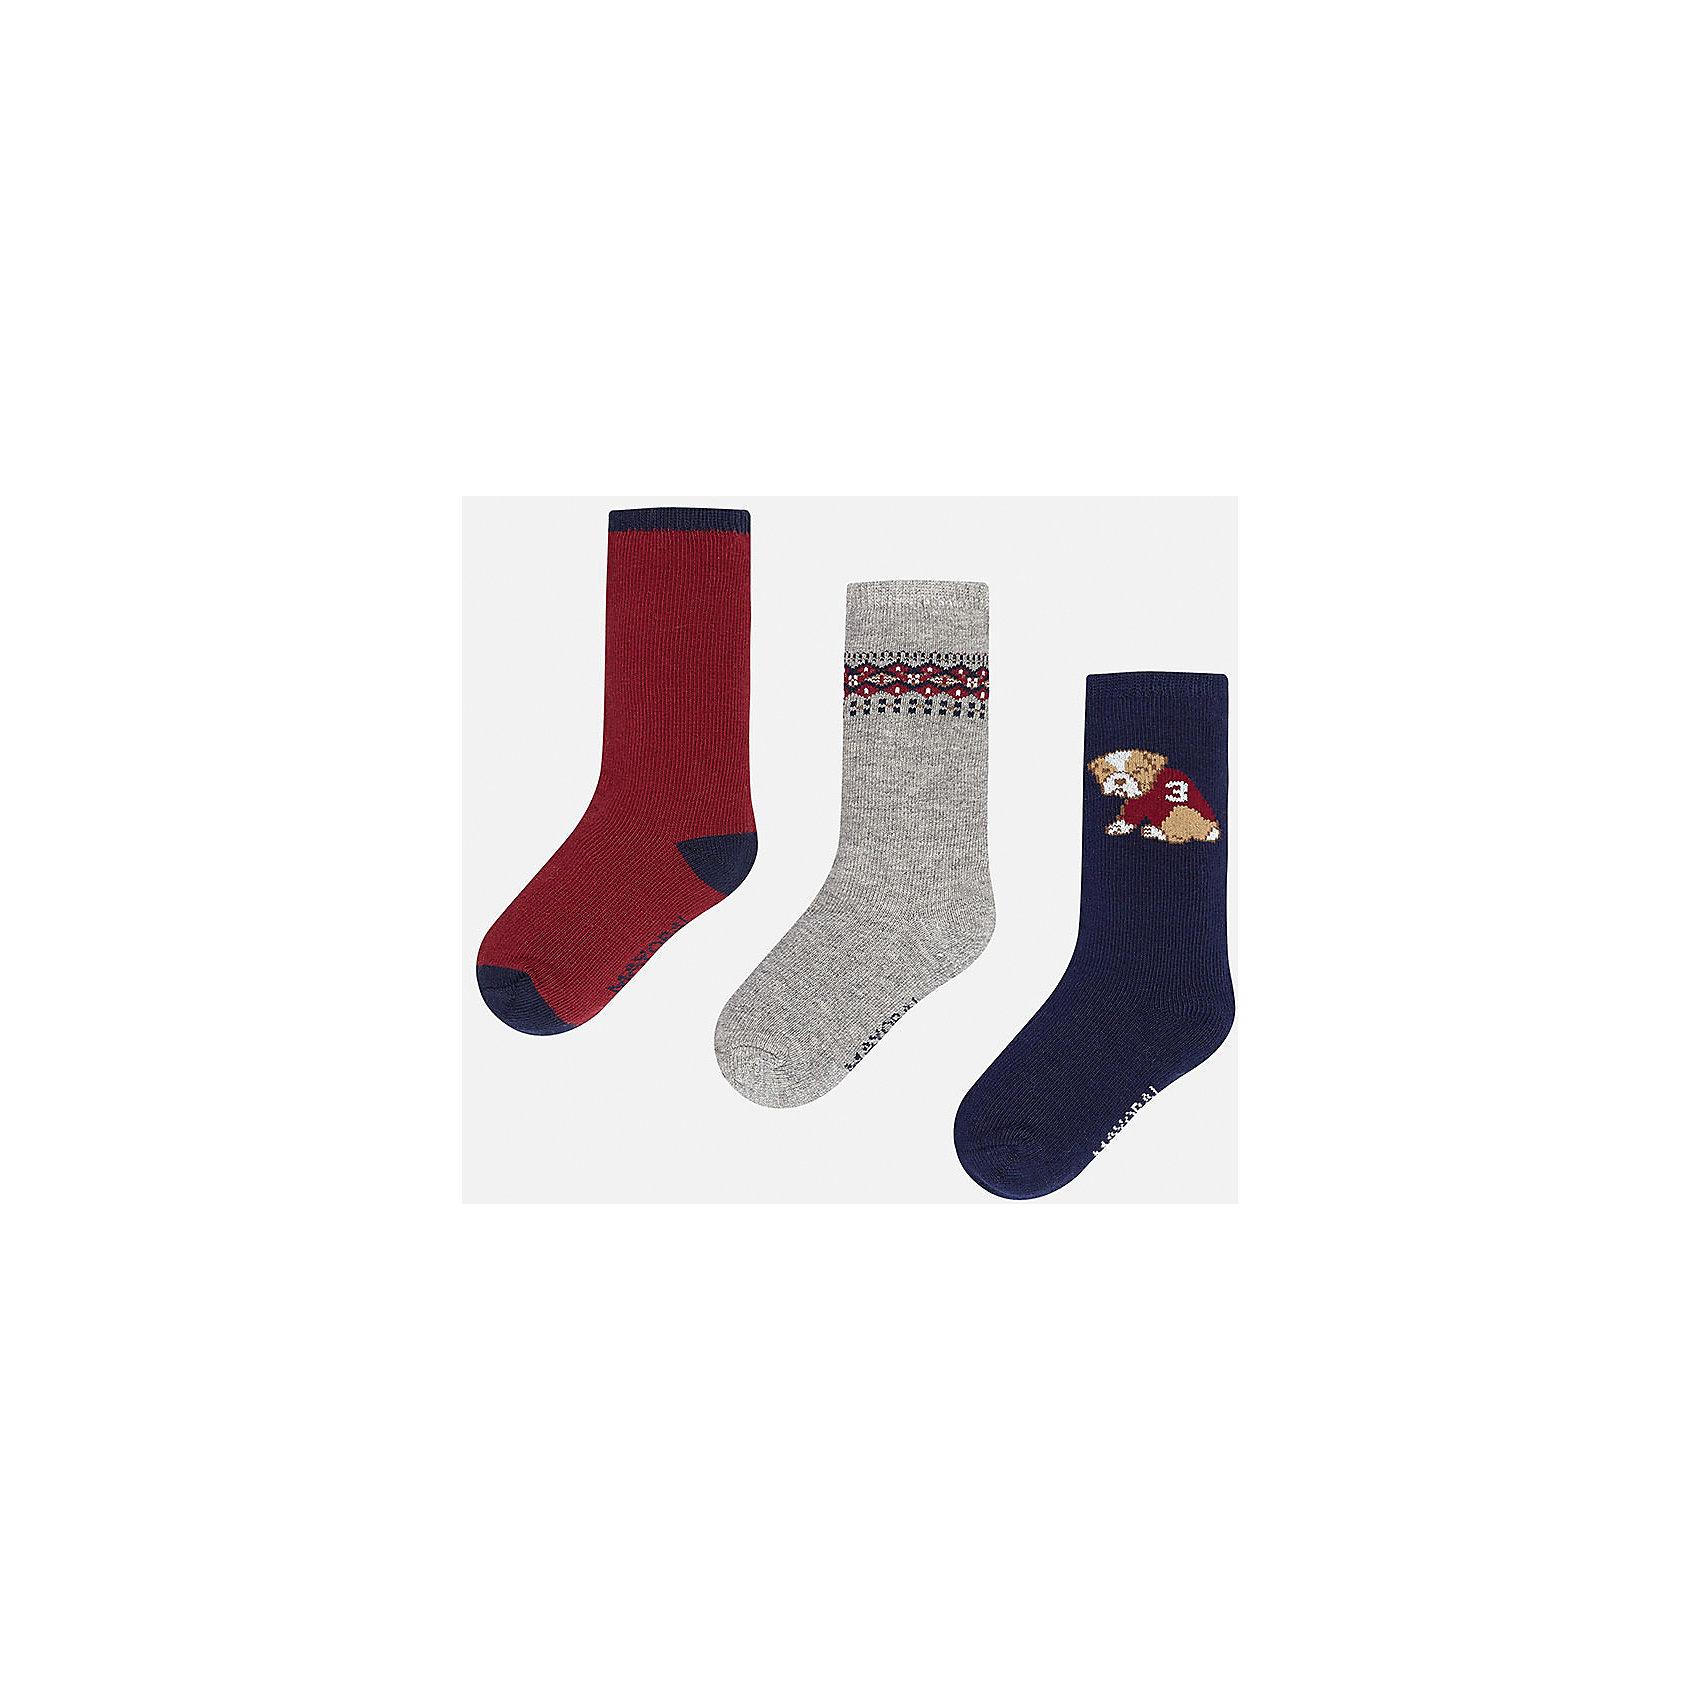 Комплект:3 пары носков для мальчика MayoralНосочки и колготки<br>Набор из 3 пар носков для мальчиков от известного испанского бренда Mayoral. В комплекте носки разной расцветки: красный с темно-синими пяткой, носком и резинкой, серый с красно-синим узором сверху, темно-синий с рисунком собачка. Носки сделаны из специальных дышащих материалов, чтобы ноги ребенка не потели.<br>Дополнительная информация:<br>-разная расцветка<br>-состав: 77% хлопок, 20% полиамид, 3% эластан<br>Комплект носков Mayoral можно приобрести в нашем интернет-магазине.<br><br>Ширина мм: 87<br>Глубина мм: 10<br>Высота мм: 105<br>Вес г: 115<br>Цвет: синий<br>Возраст от месяцев: 9<br>Возраст до месяцев: 12<br>Пол: Мужской<br>Возраст: Детский<br>Размер: 1,2<br>SKU: 4820026